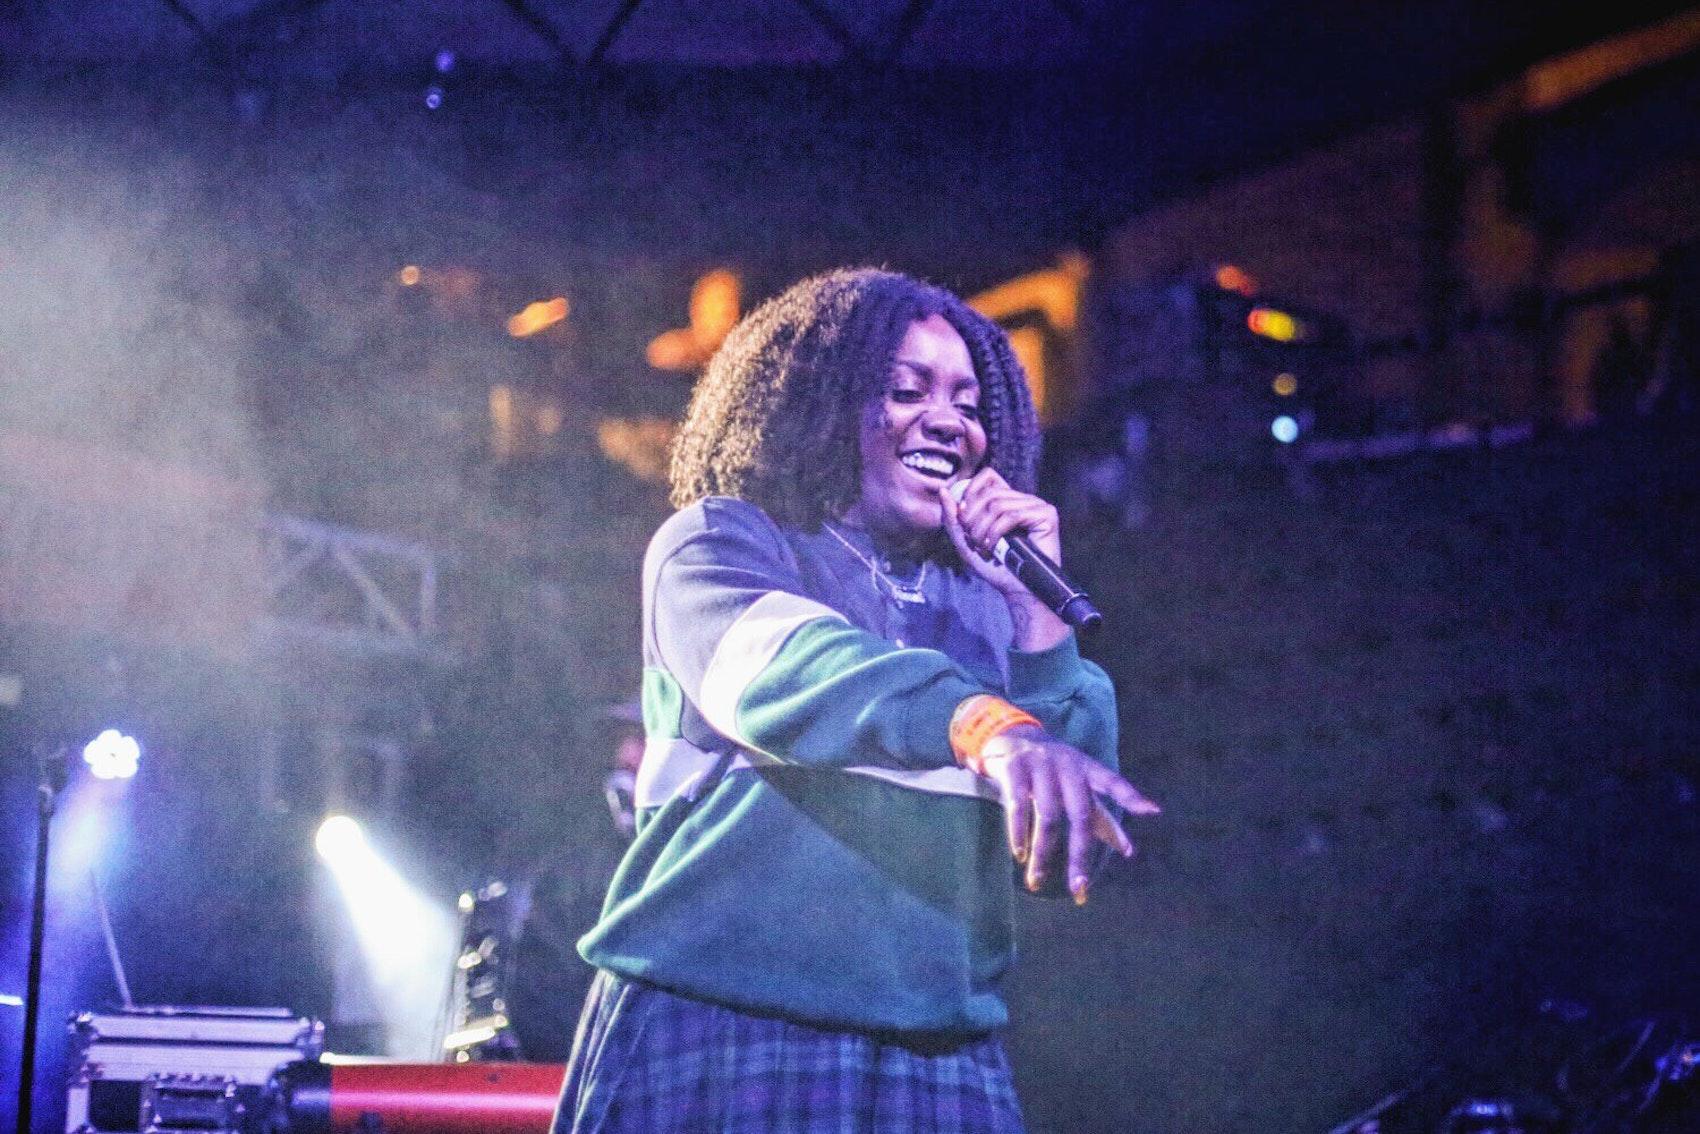 Noname Live at SXSW.